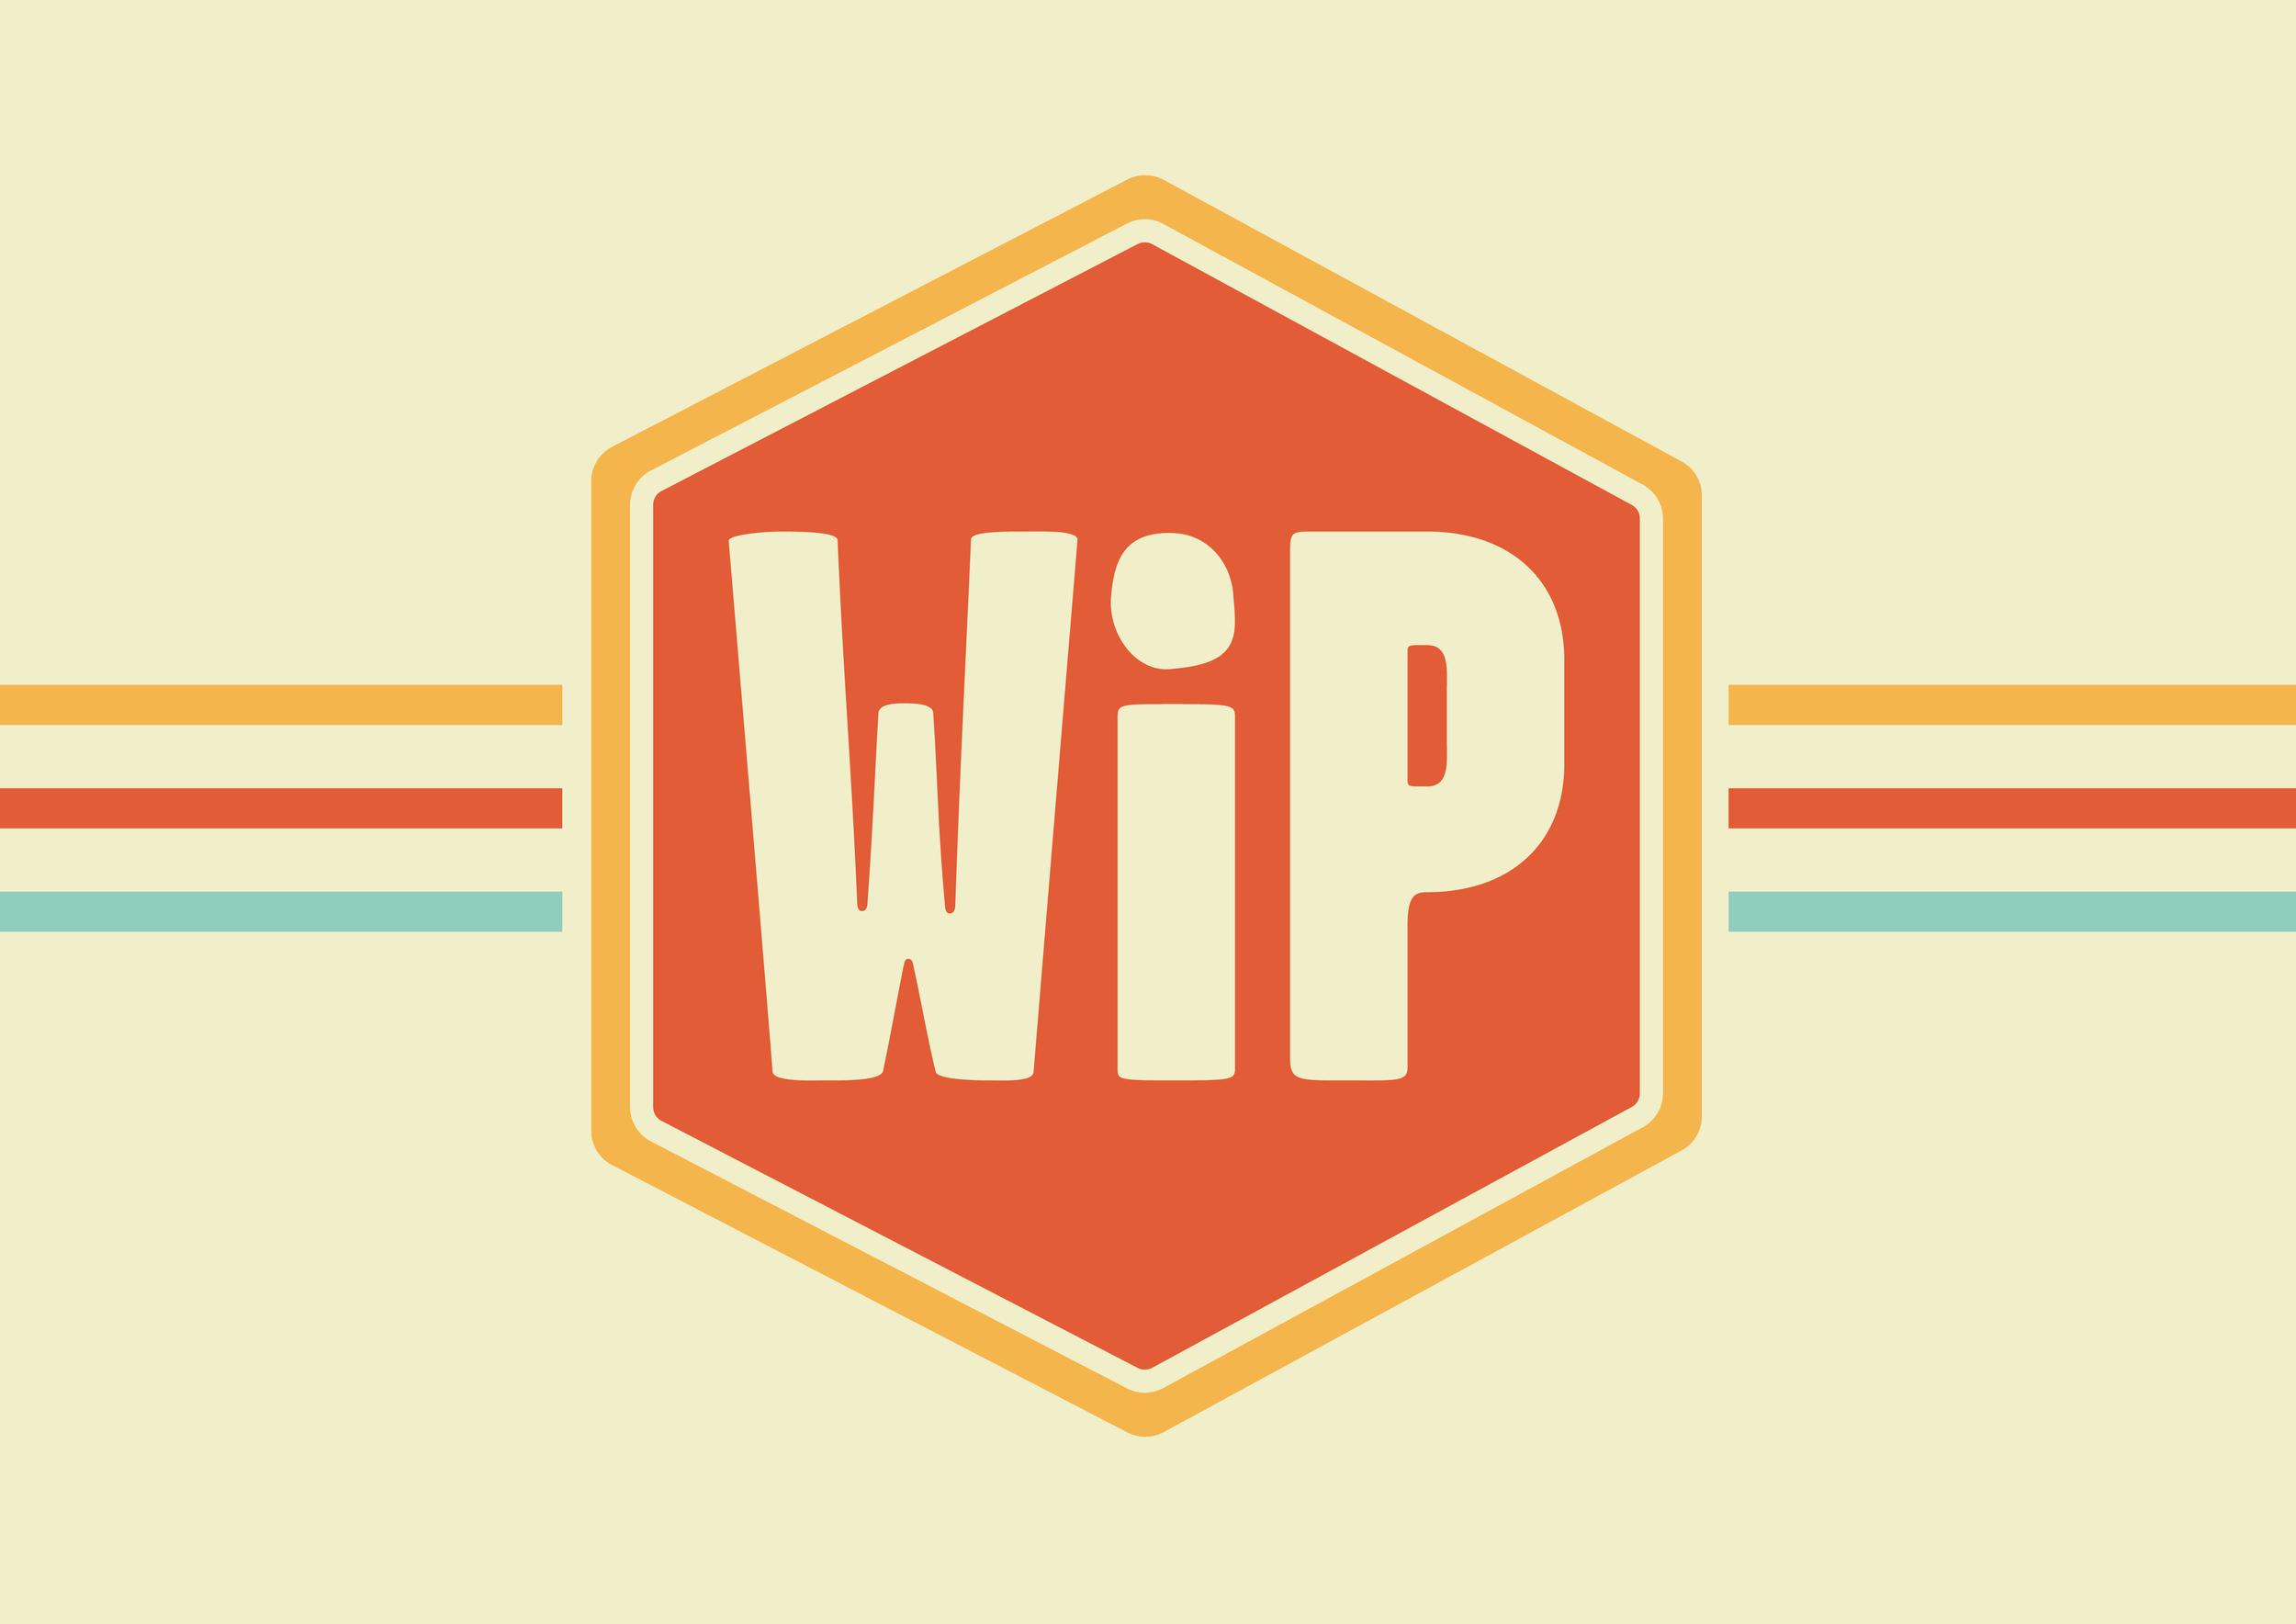 logo-with-stripes-07.jpg